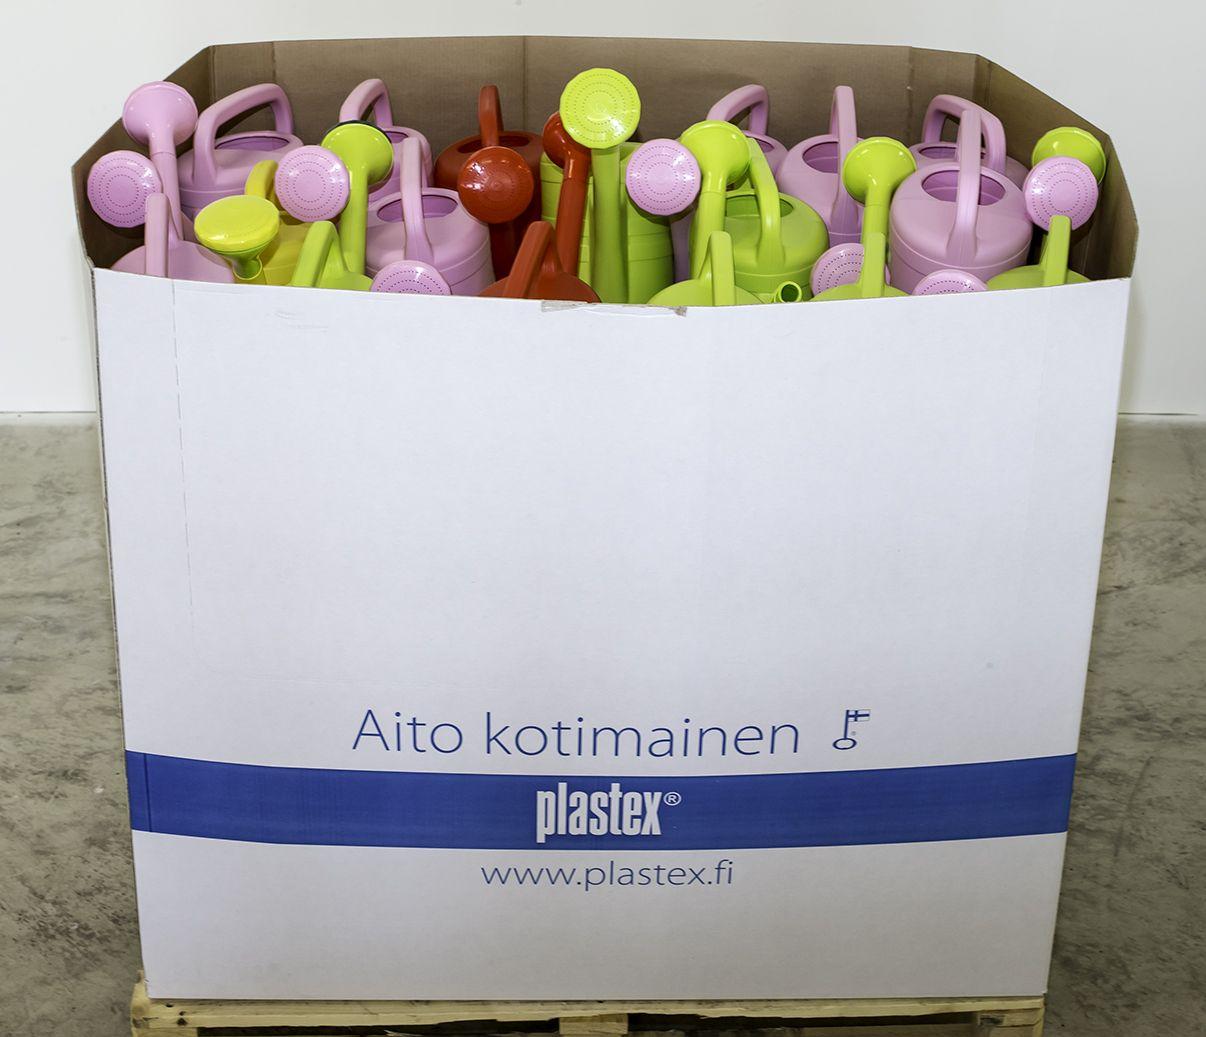 Iloiset ja pirteät Suomessa valmistetut puutarhakannut saatavilla myös displayssa!